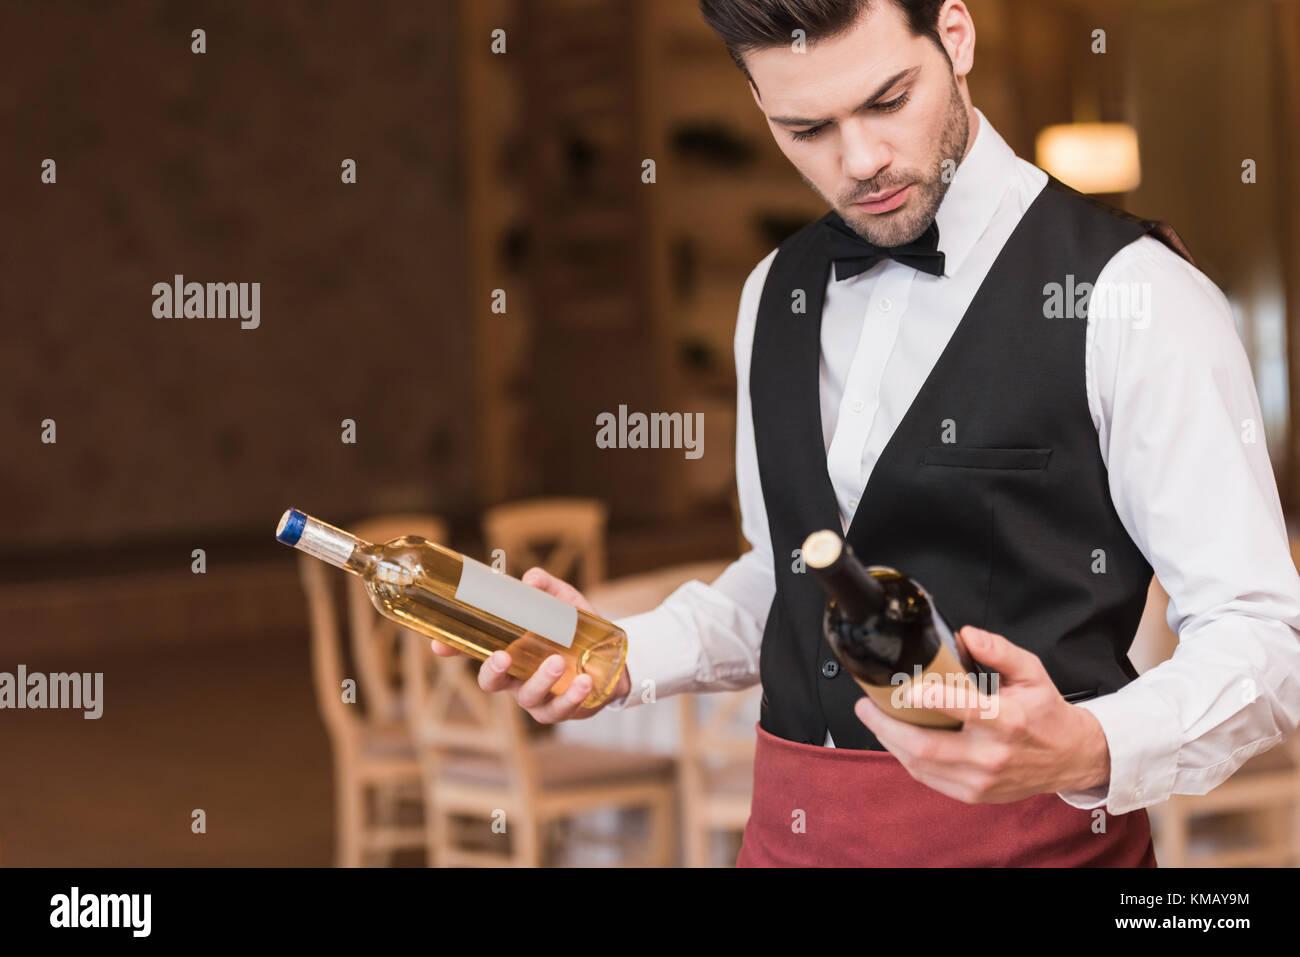 waiter choosing wine - Stock Image